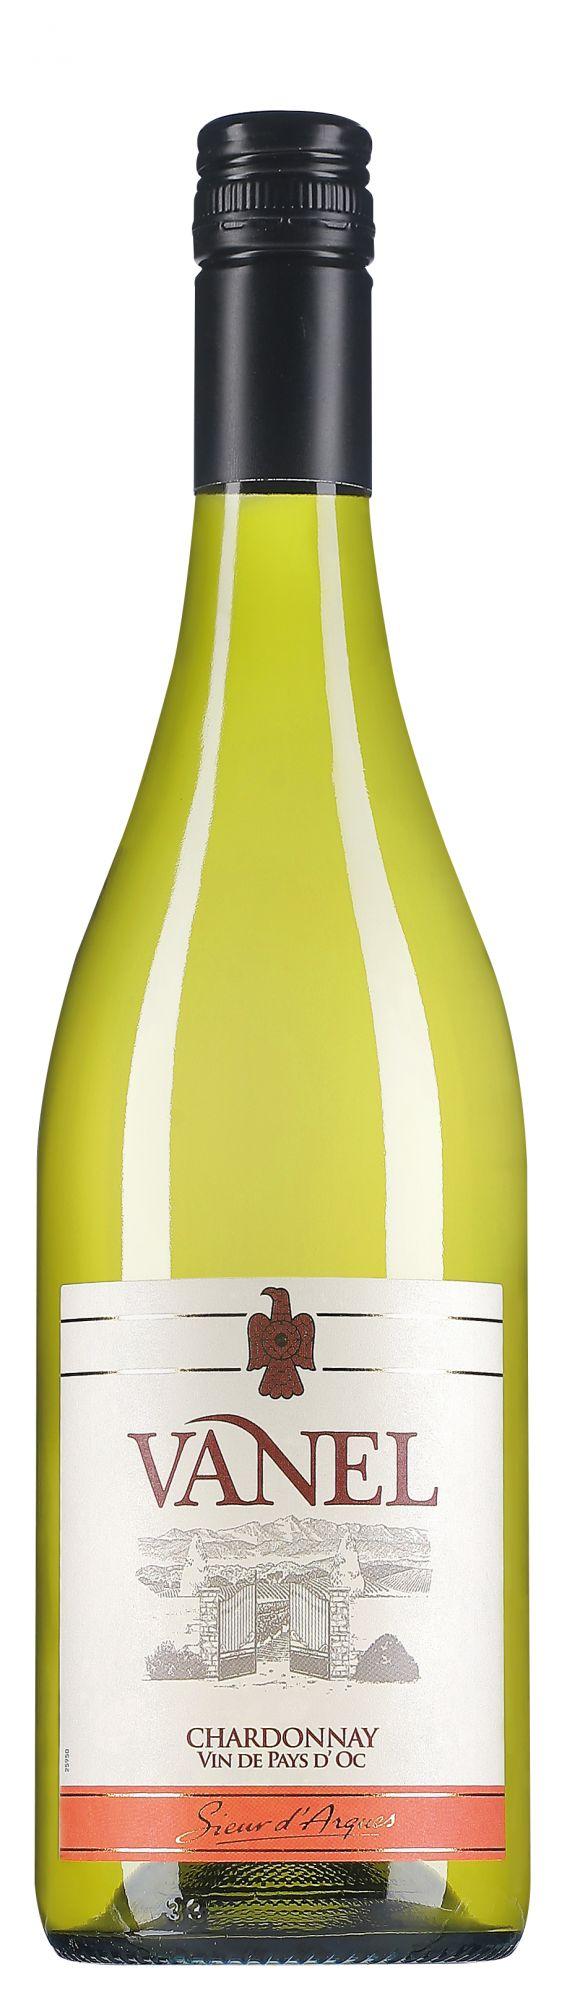 Vanel Pays d'Oc Chardonnay